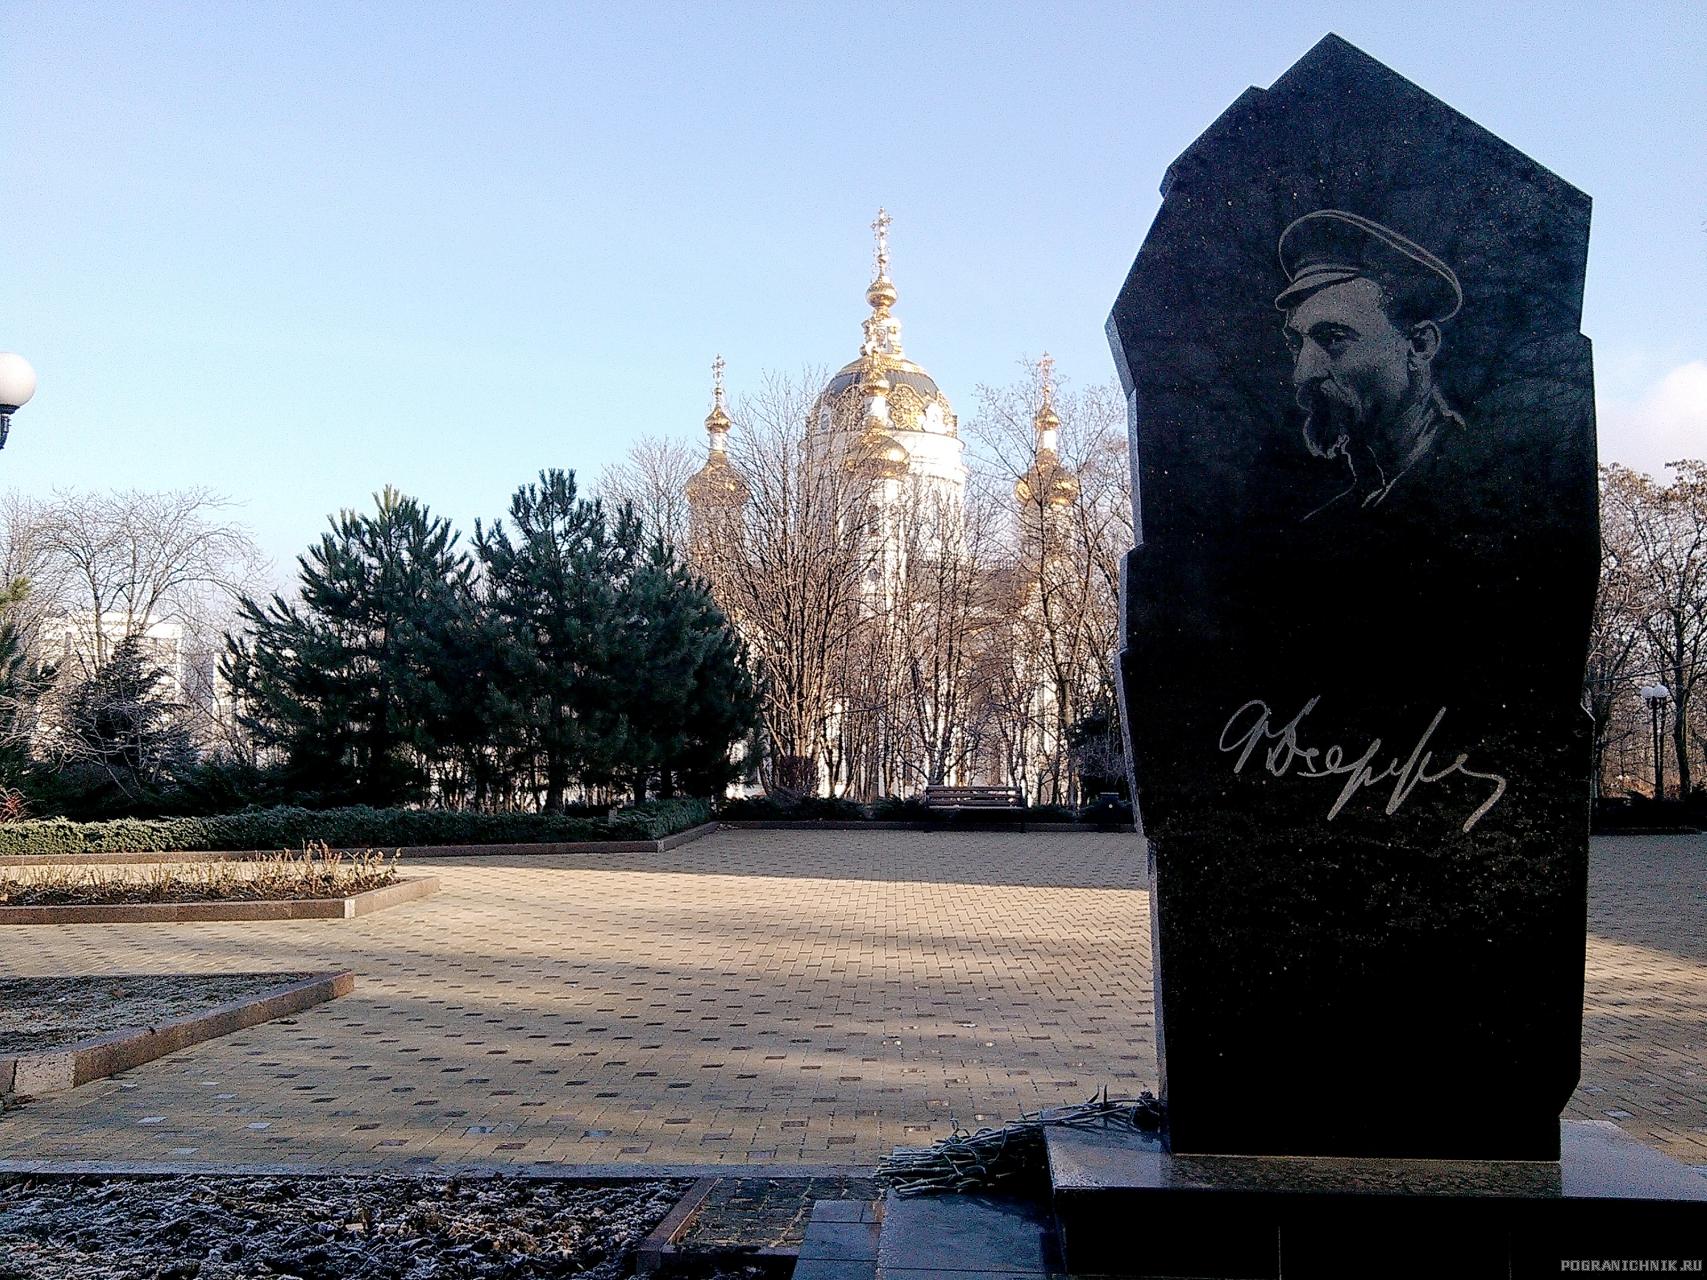 Воинам-чекистам, защитникам Донбасса в честь 100-летия органов безопасности.